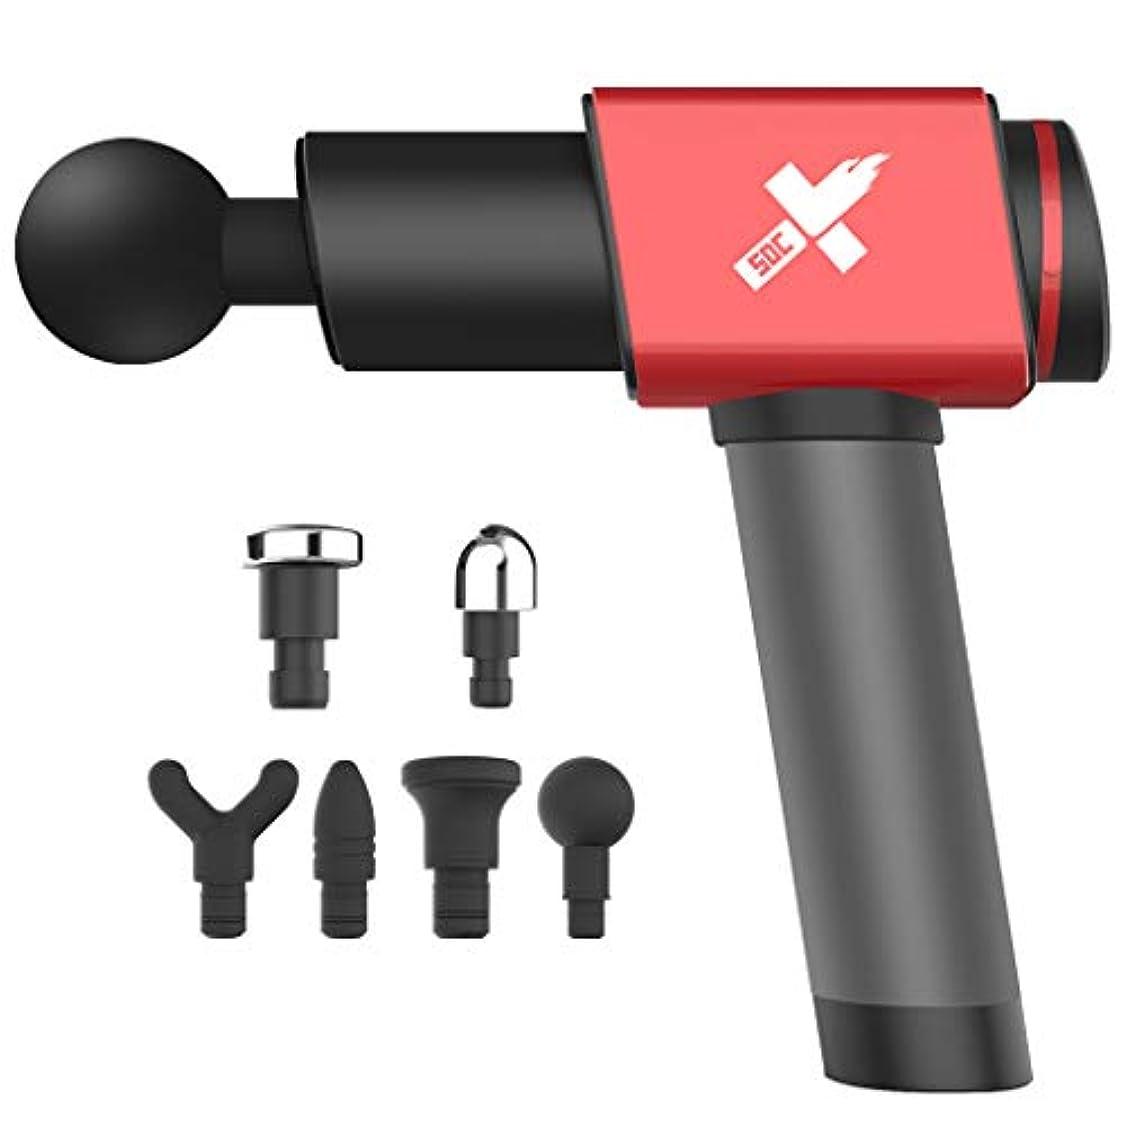 革命的グラフ責め筋肉マッサージ銃、6つの調節可能な速度の専門の手持ち型の振動マッサージャー装置、コードレス電気打楽器全身筋肉マッサージ装置。